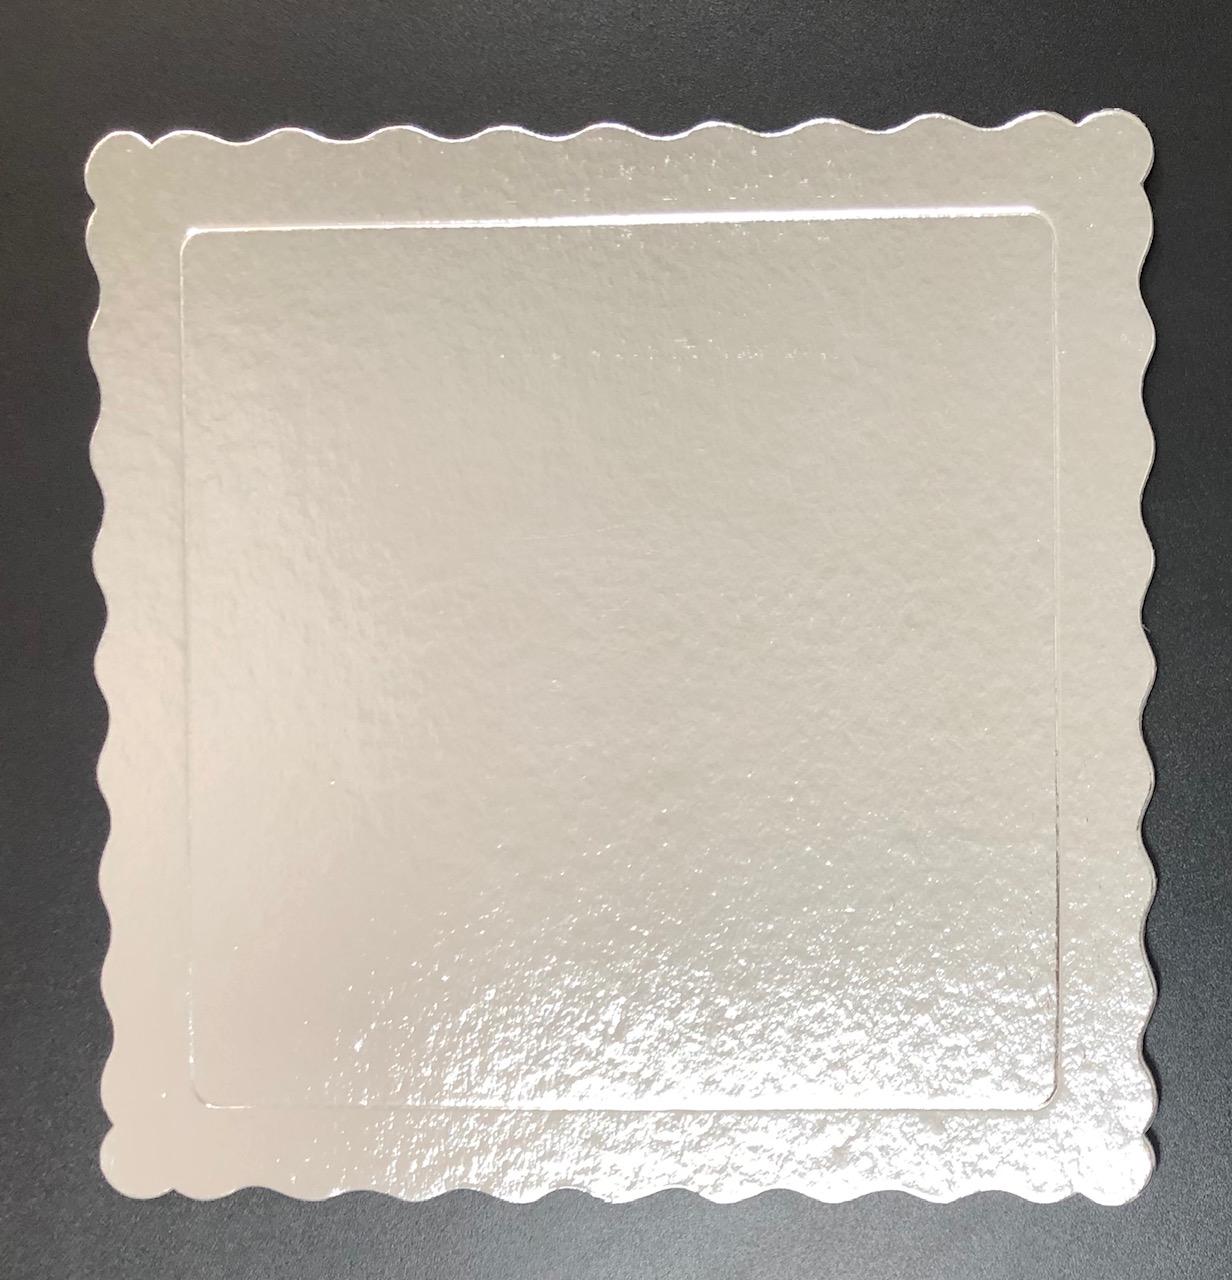 100 Bases Laminadas Para Bolo Quadrado, Cake Board 28x28cm - Prata